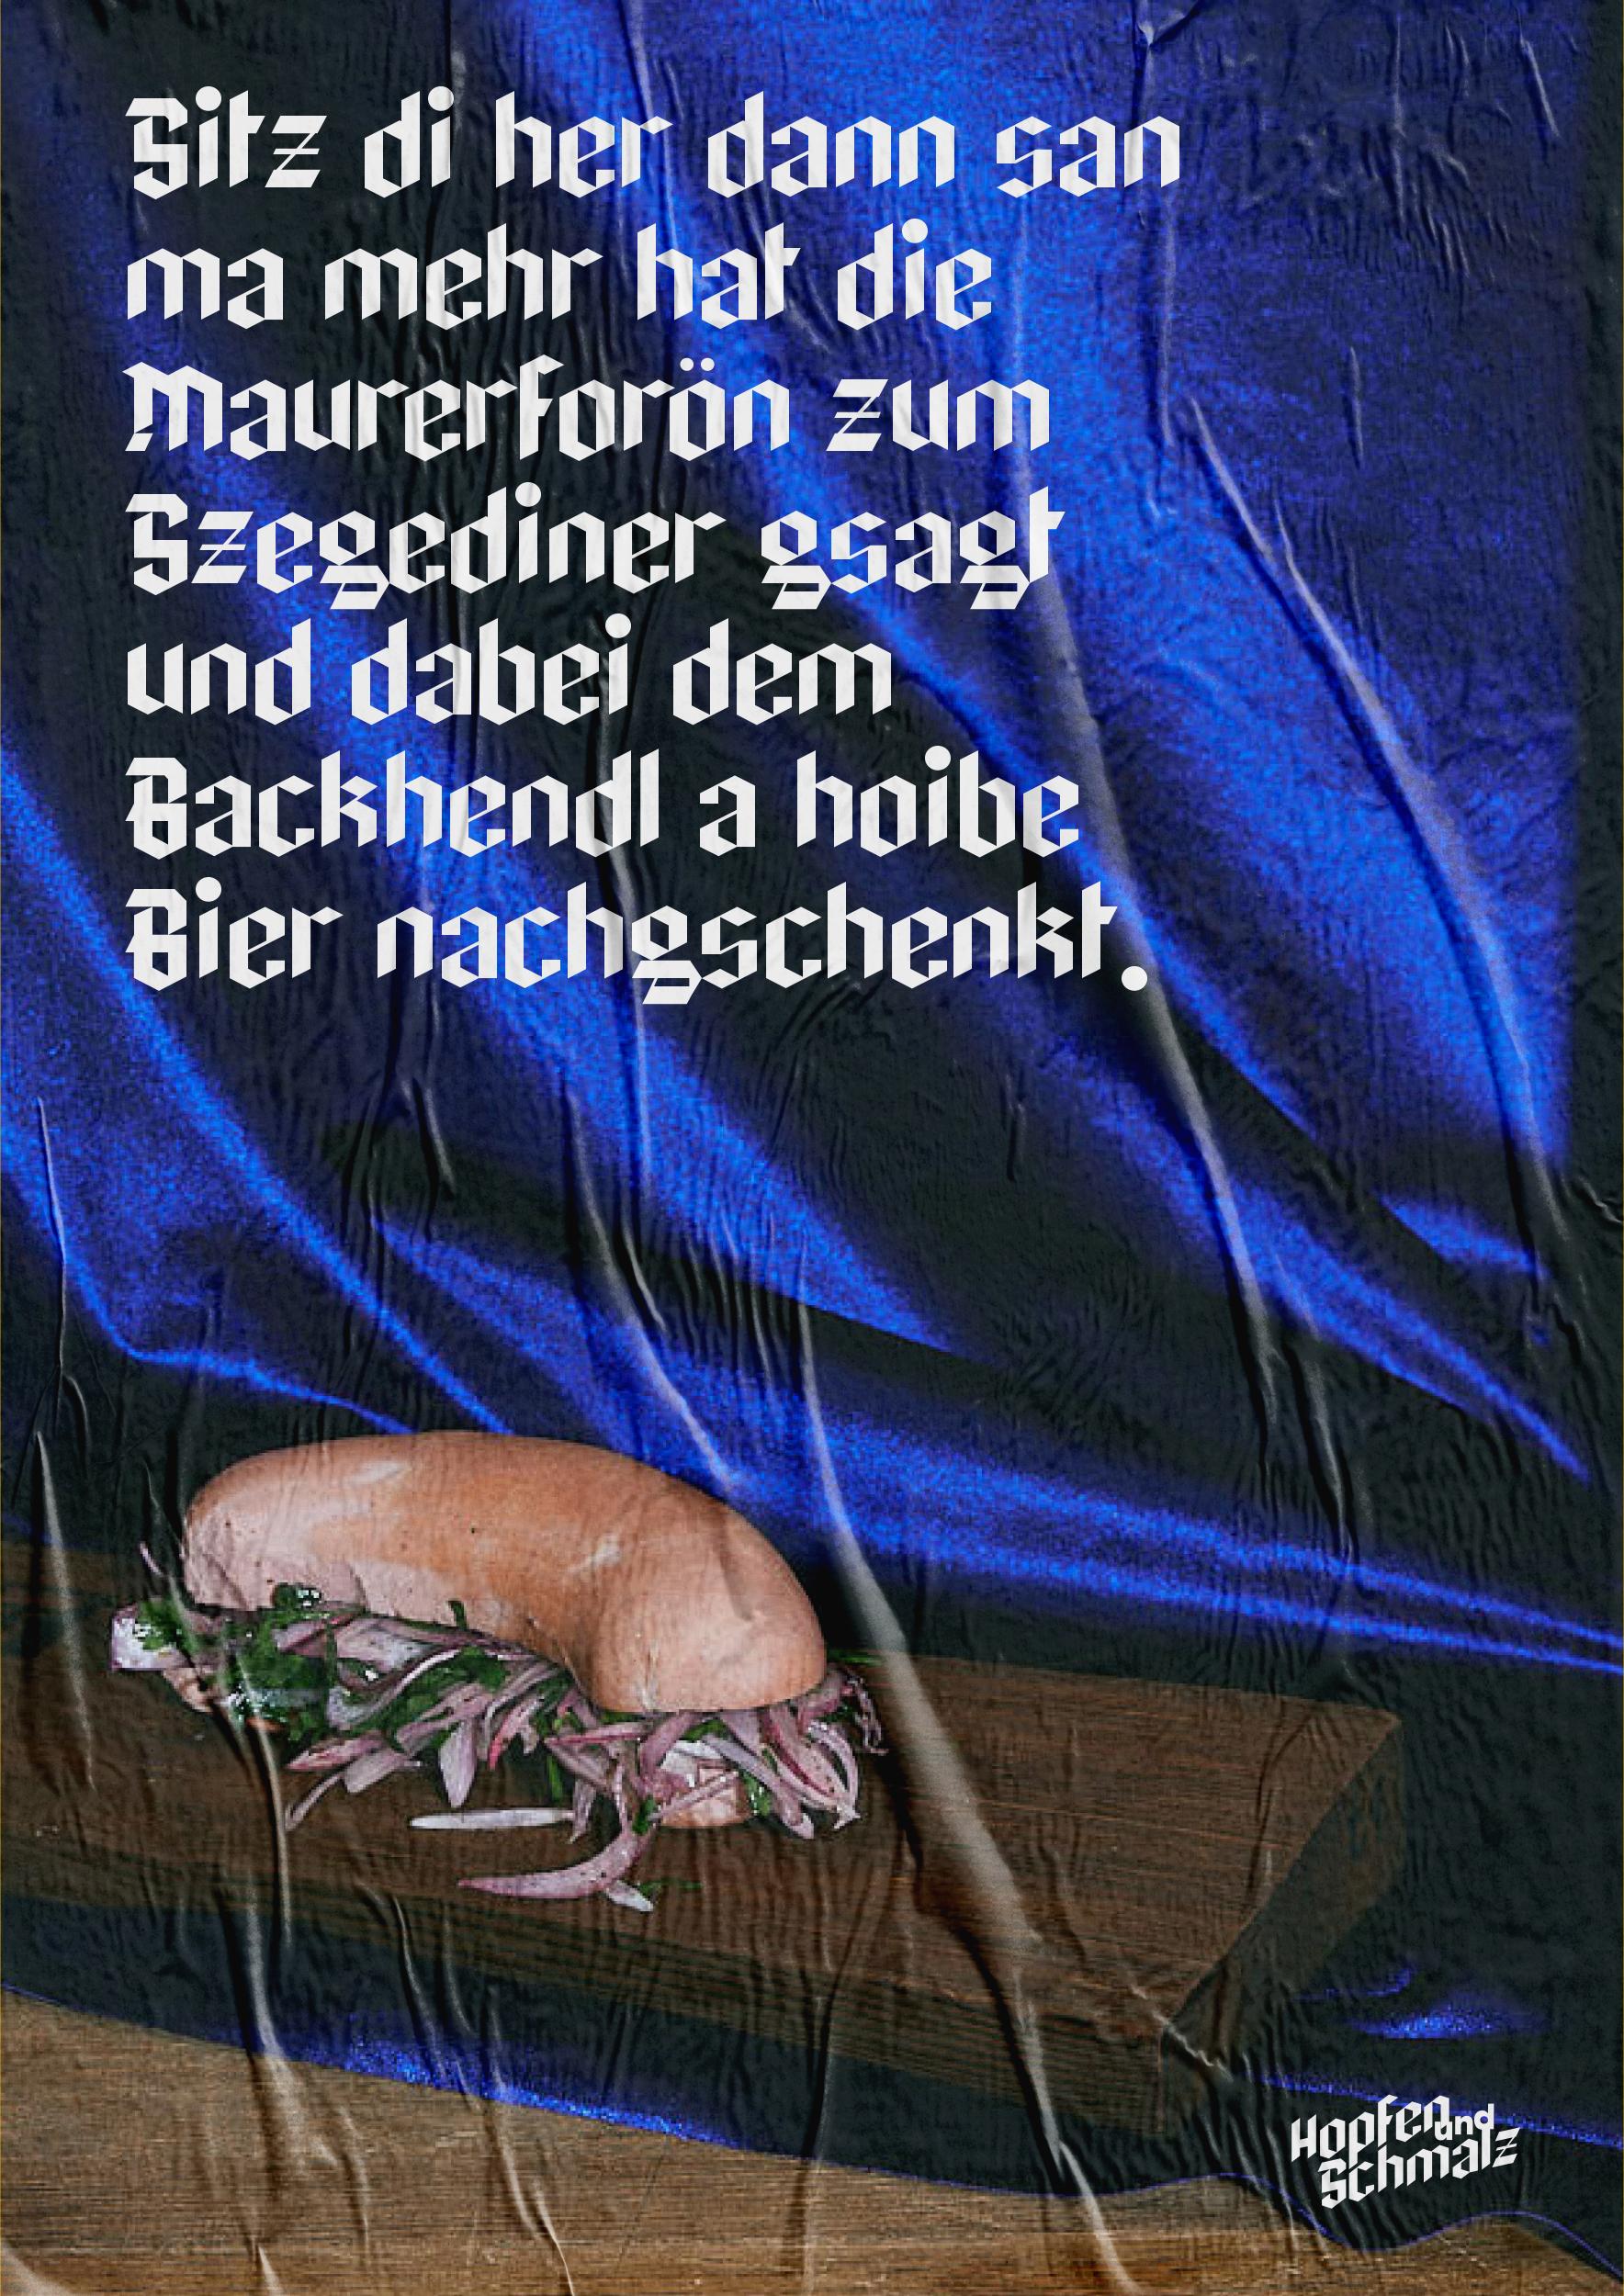 Ref Hopfen Schmalz Plakat Mitte 06 B